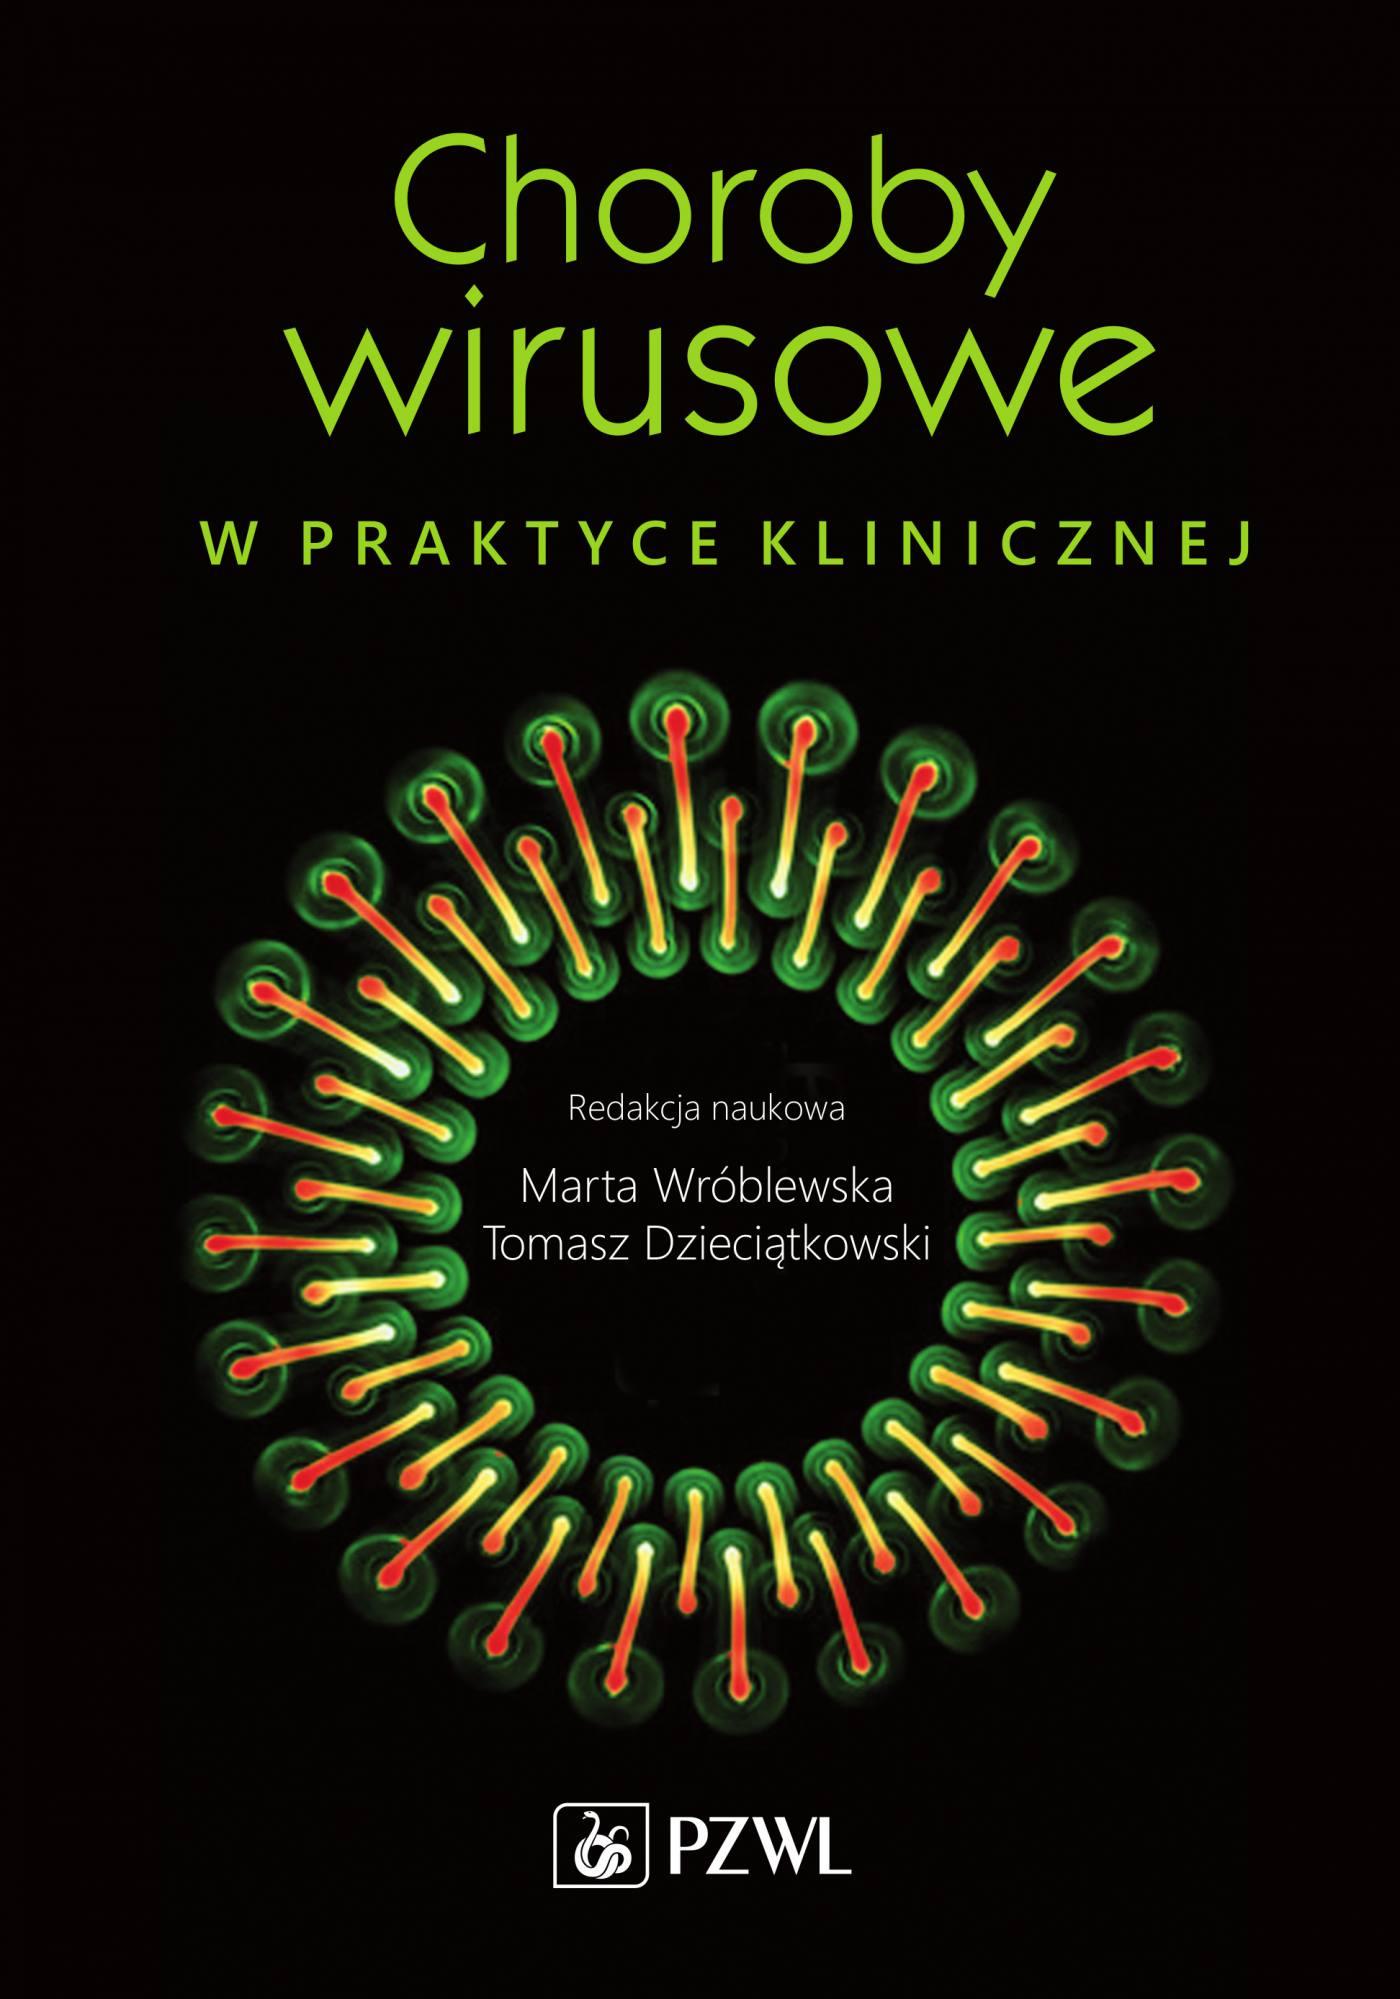 Choroby wirusowe w praktyce klinicznej - Ebook (Książka EPUB) do pobrania w formacie EPUB